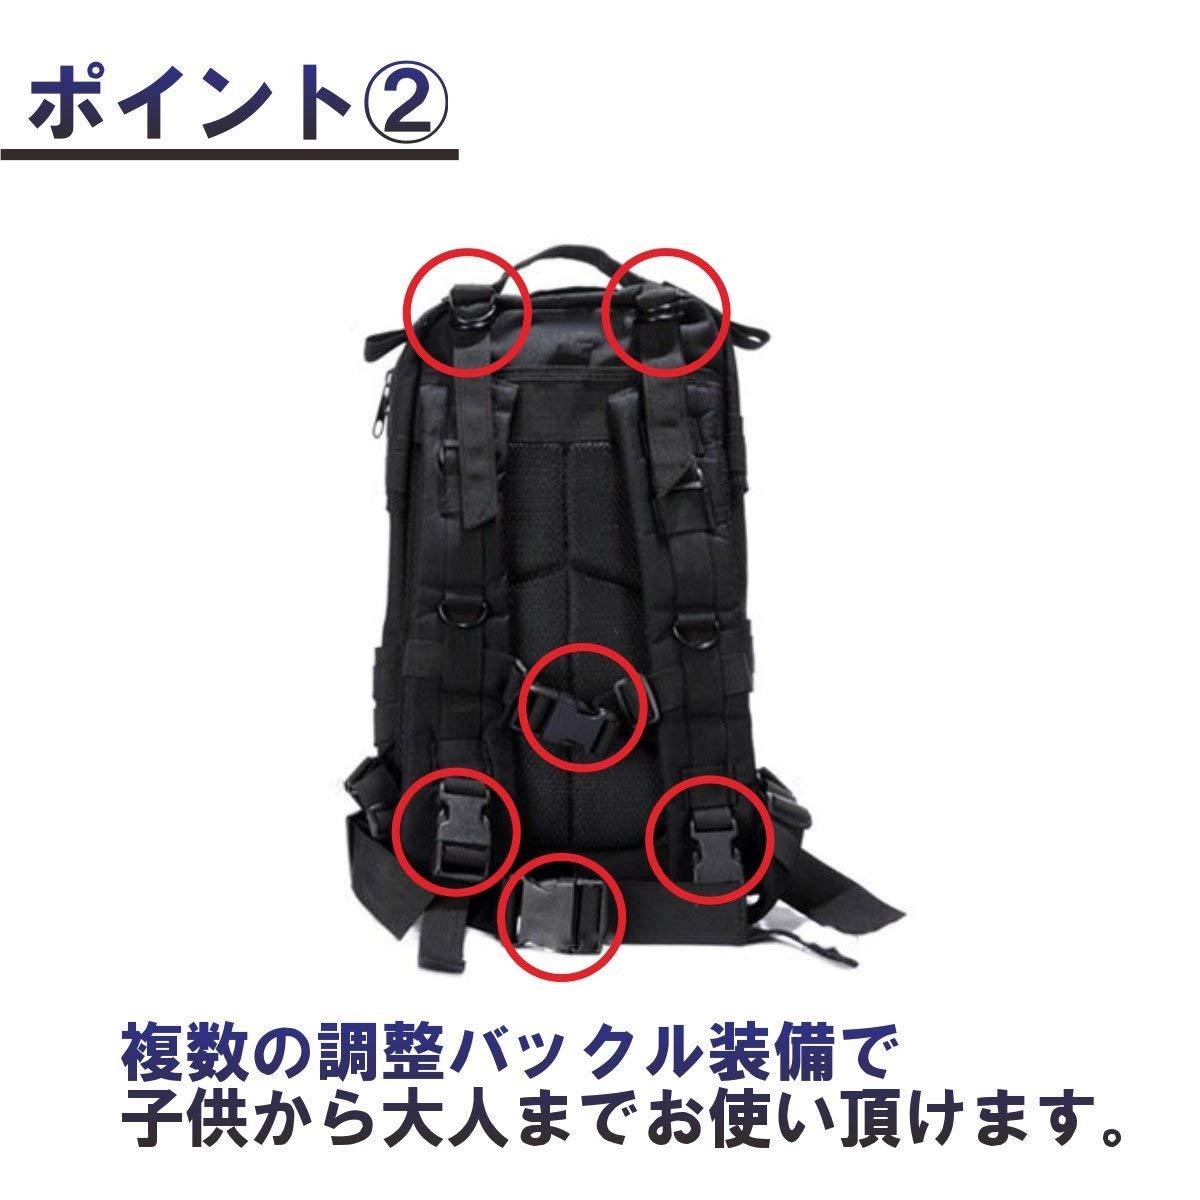 リュック (ホークギア) HAWK GEAR 迷彩 防災 タクティカル バックパック 軍 バッグ ミリタリー